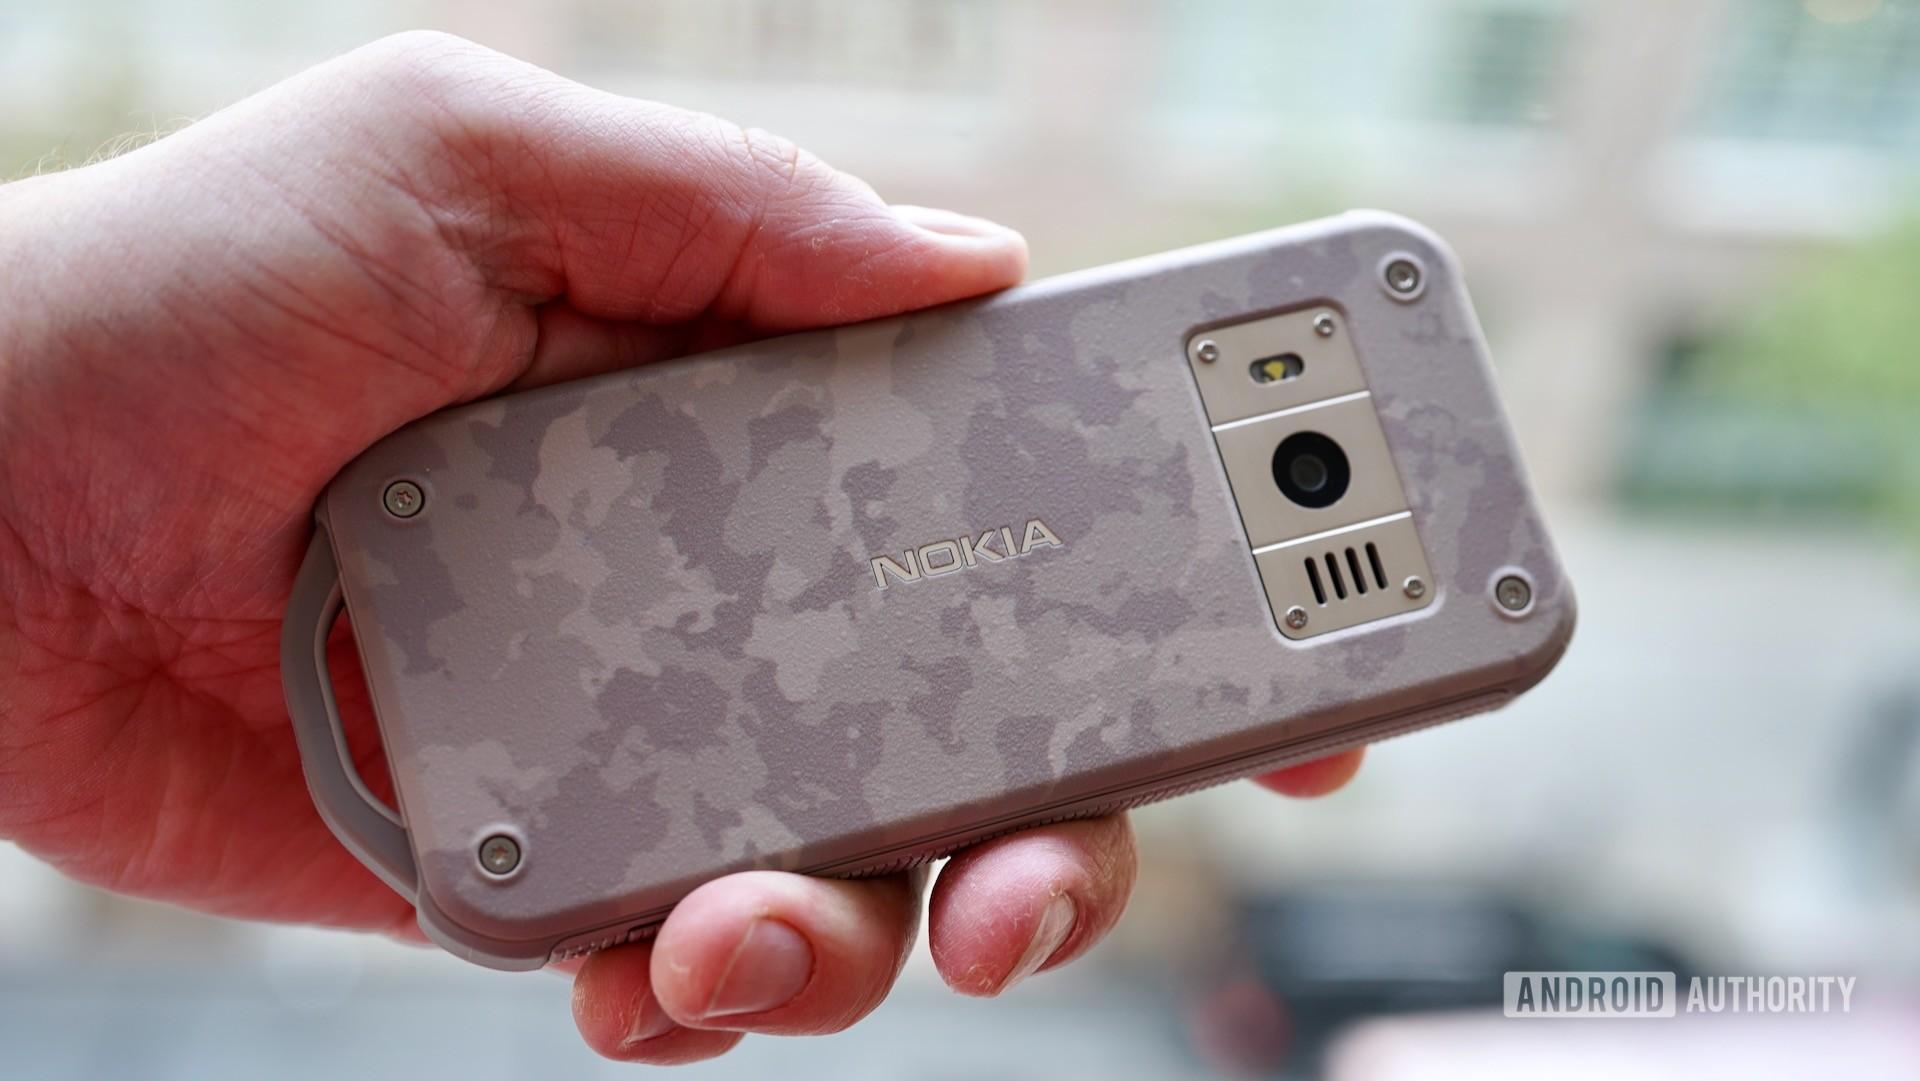 Nokia-800-Tough-camo-rear-in-hand.jpeg